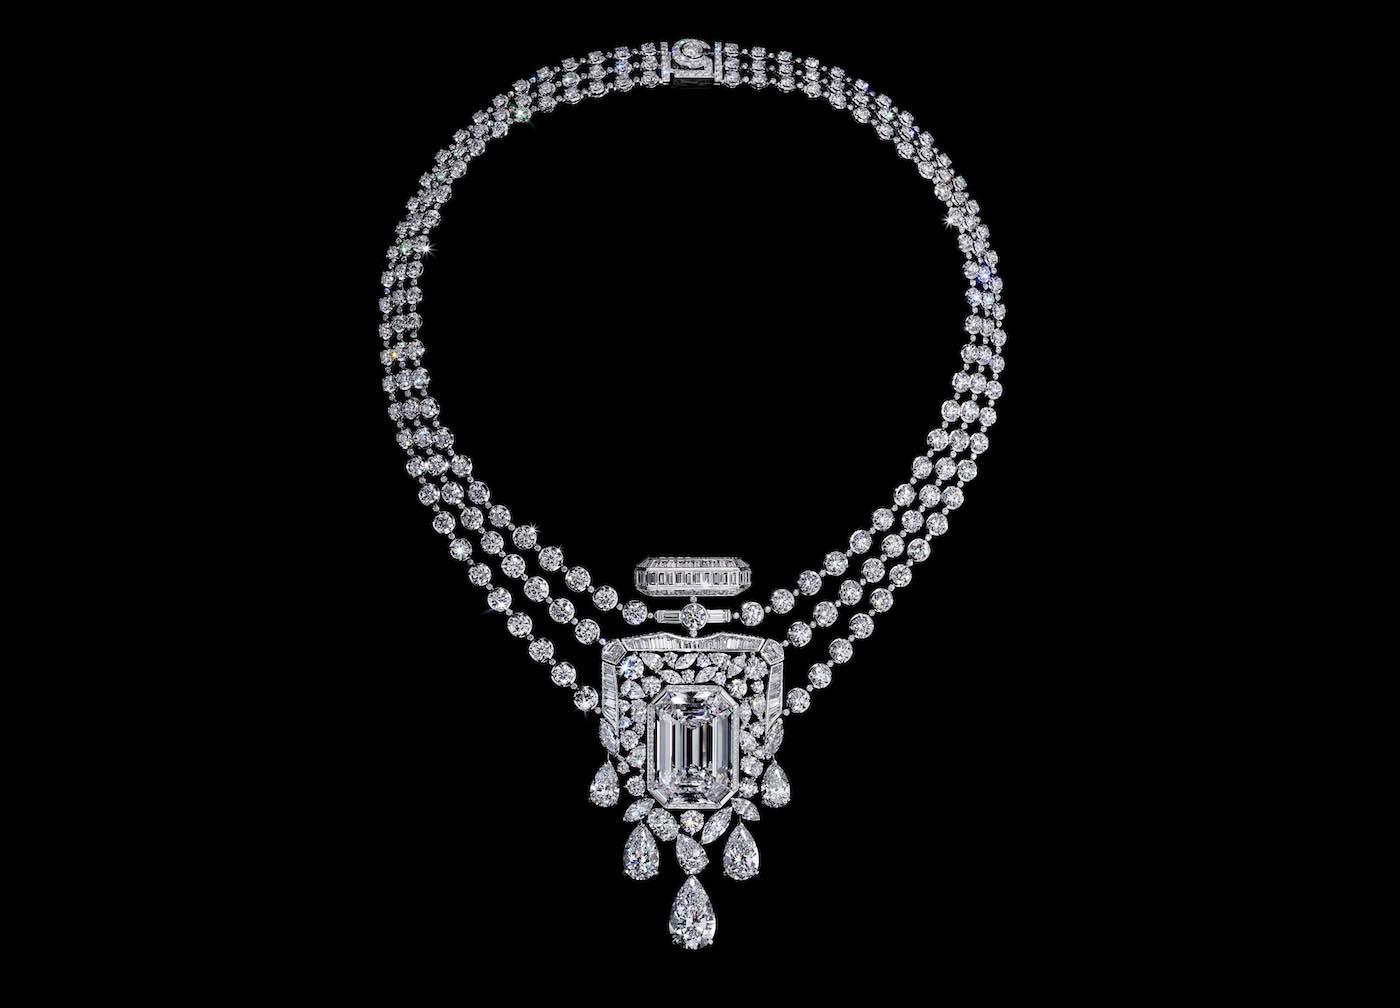 Chanel rinde homenaje al perfume N°5 con un collar de diamantes de 55,55 quilates